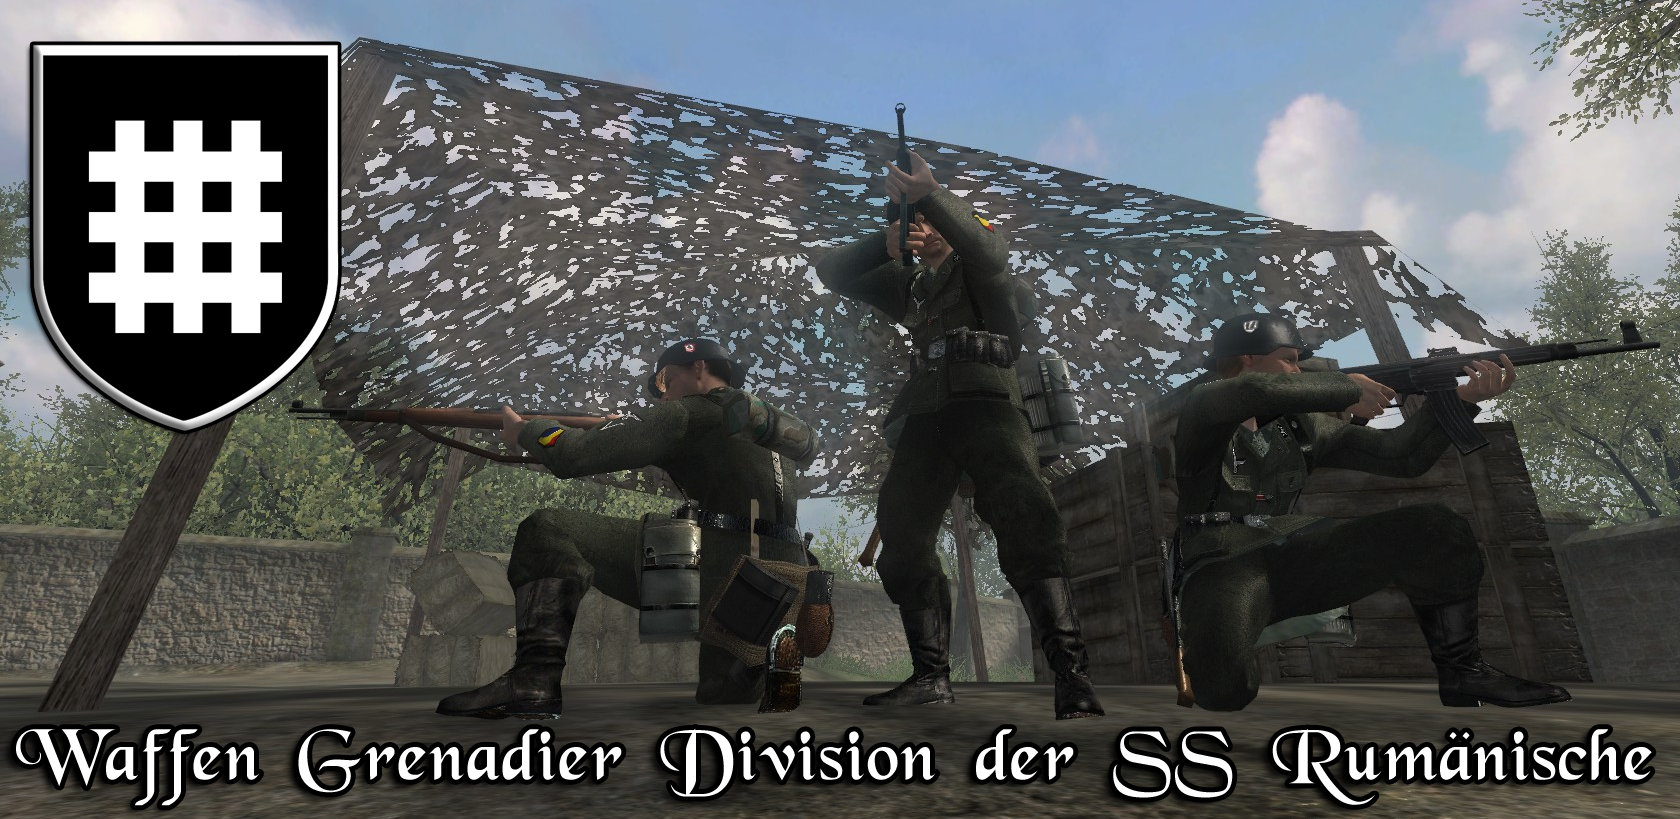 Waffen SS Grenadier Division 1 by crowhitewolf on DeviantArt